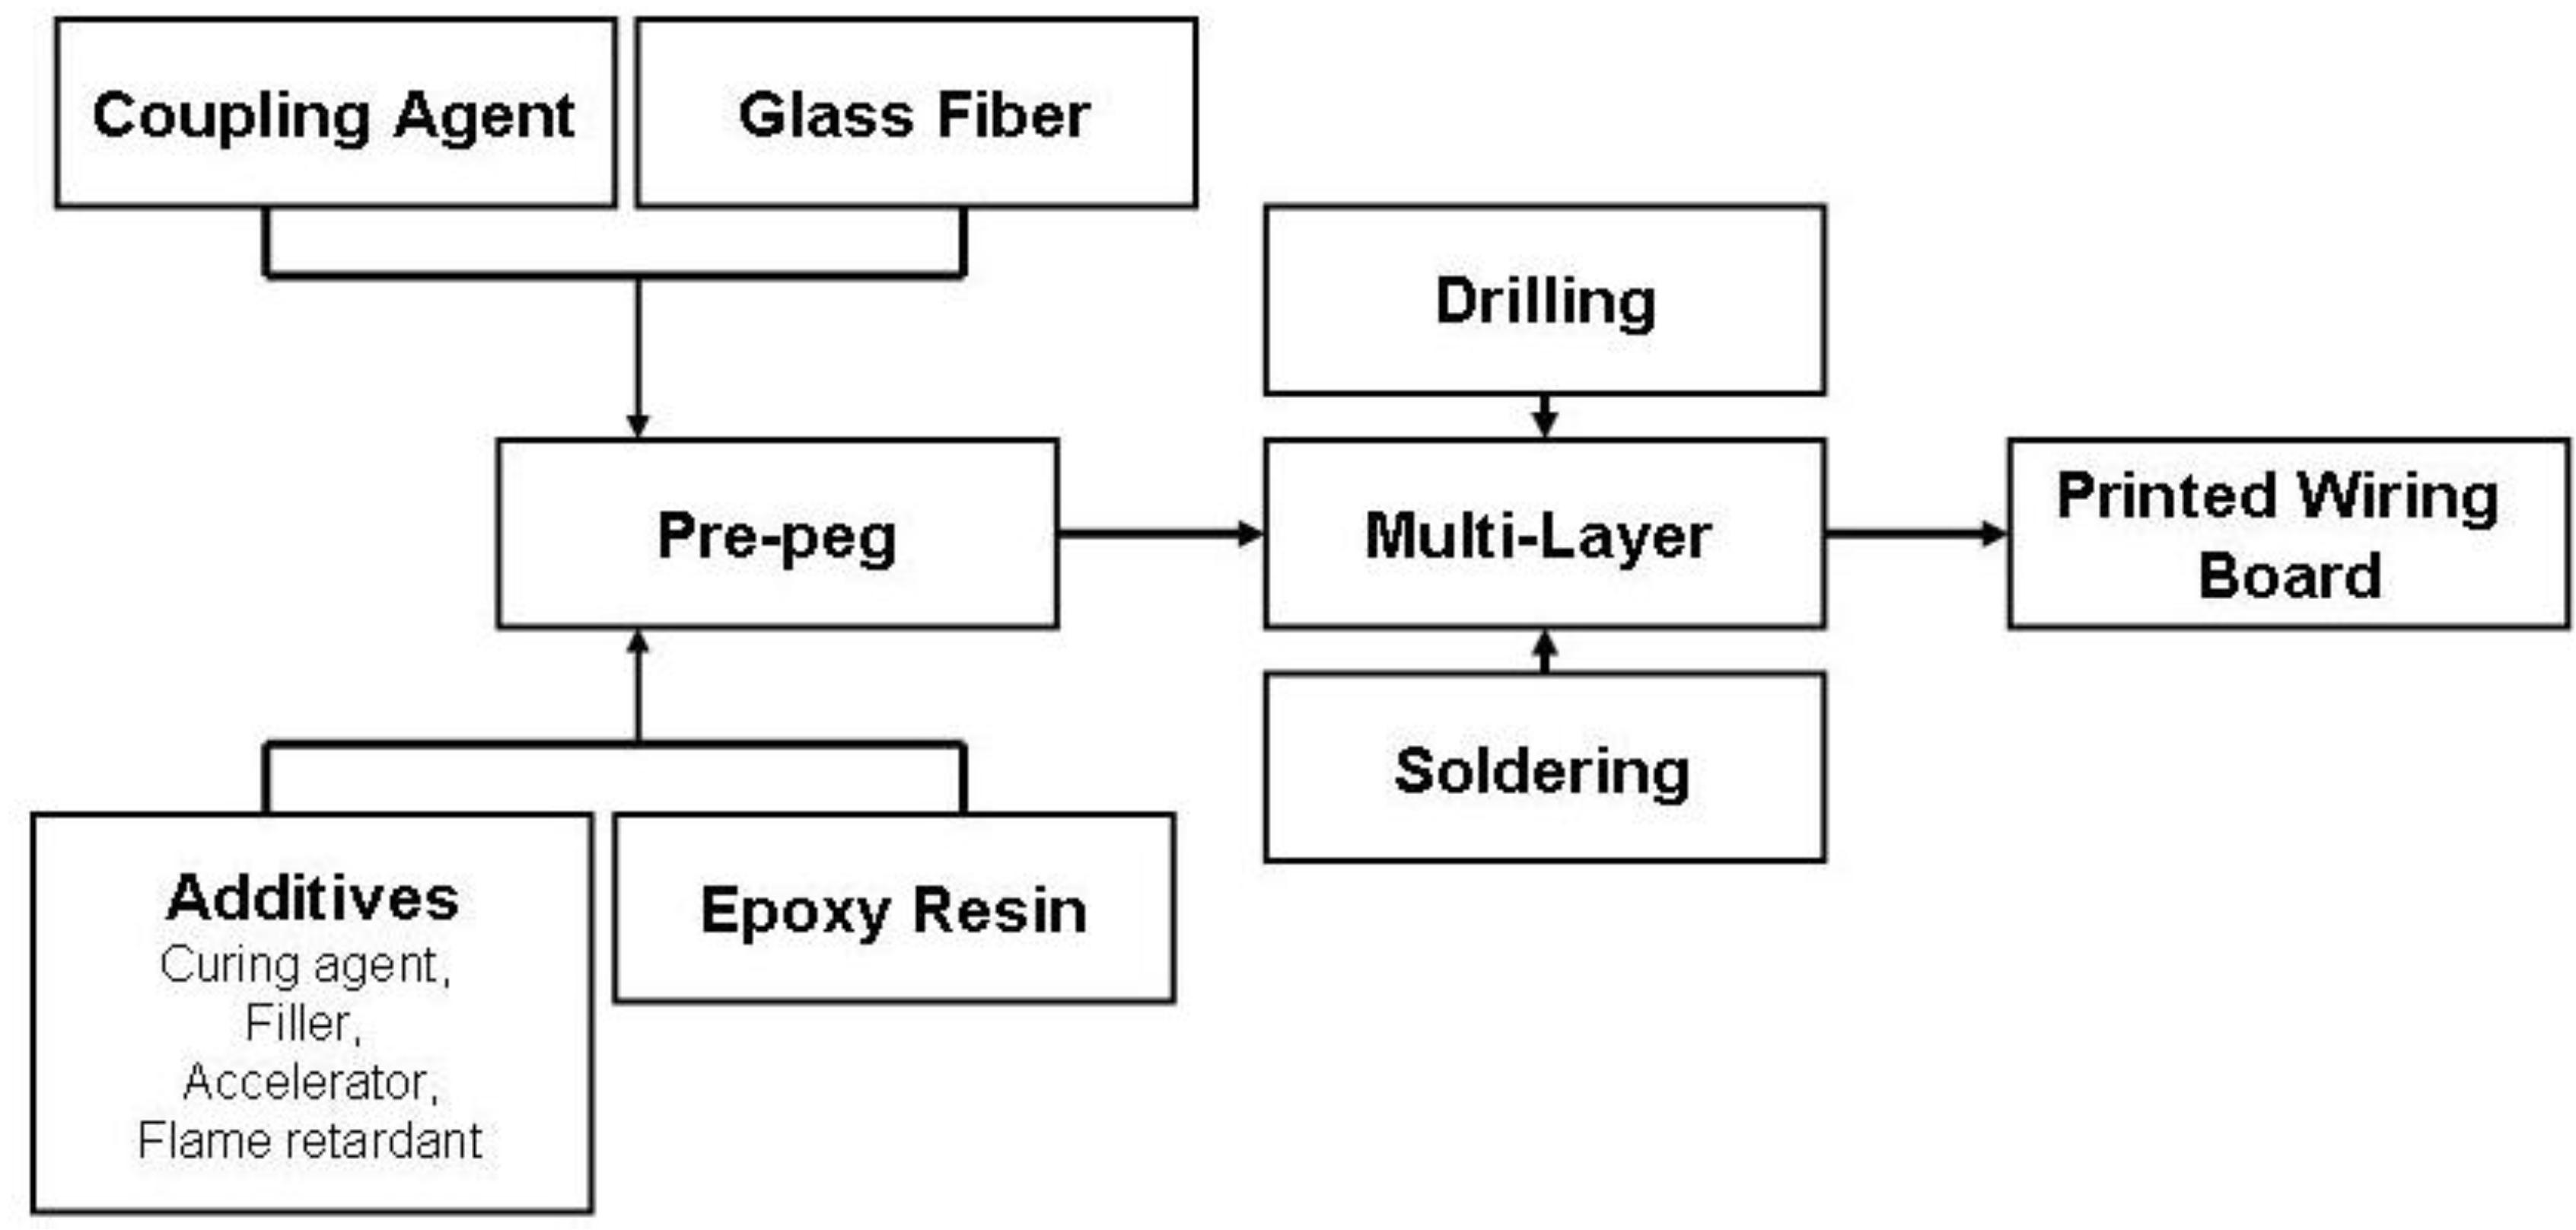 combination of flame retardants and epoxy